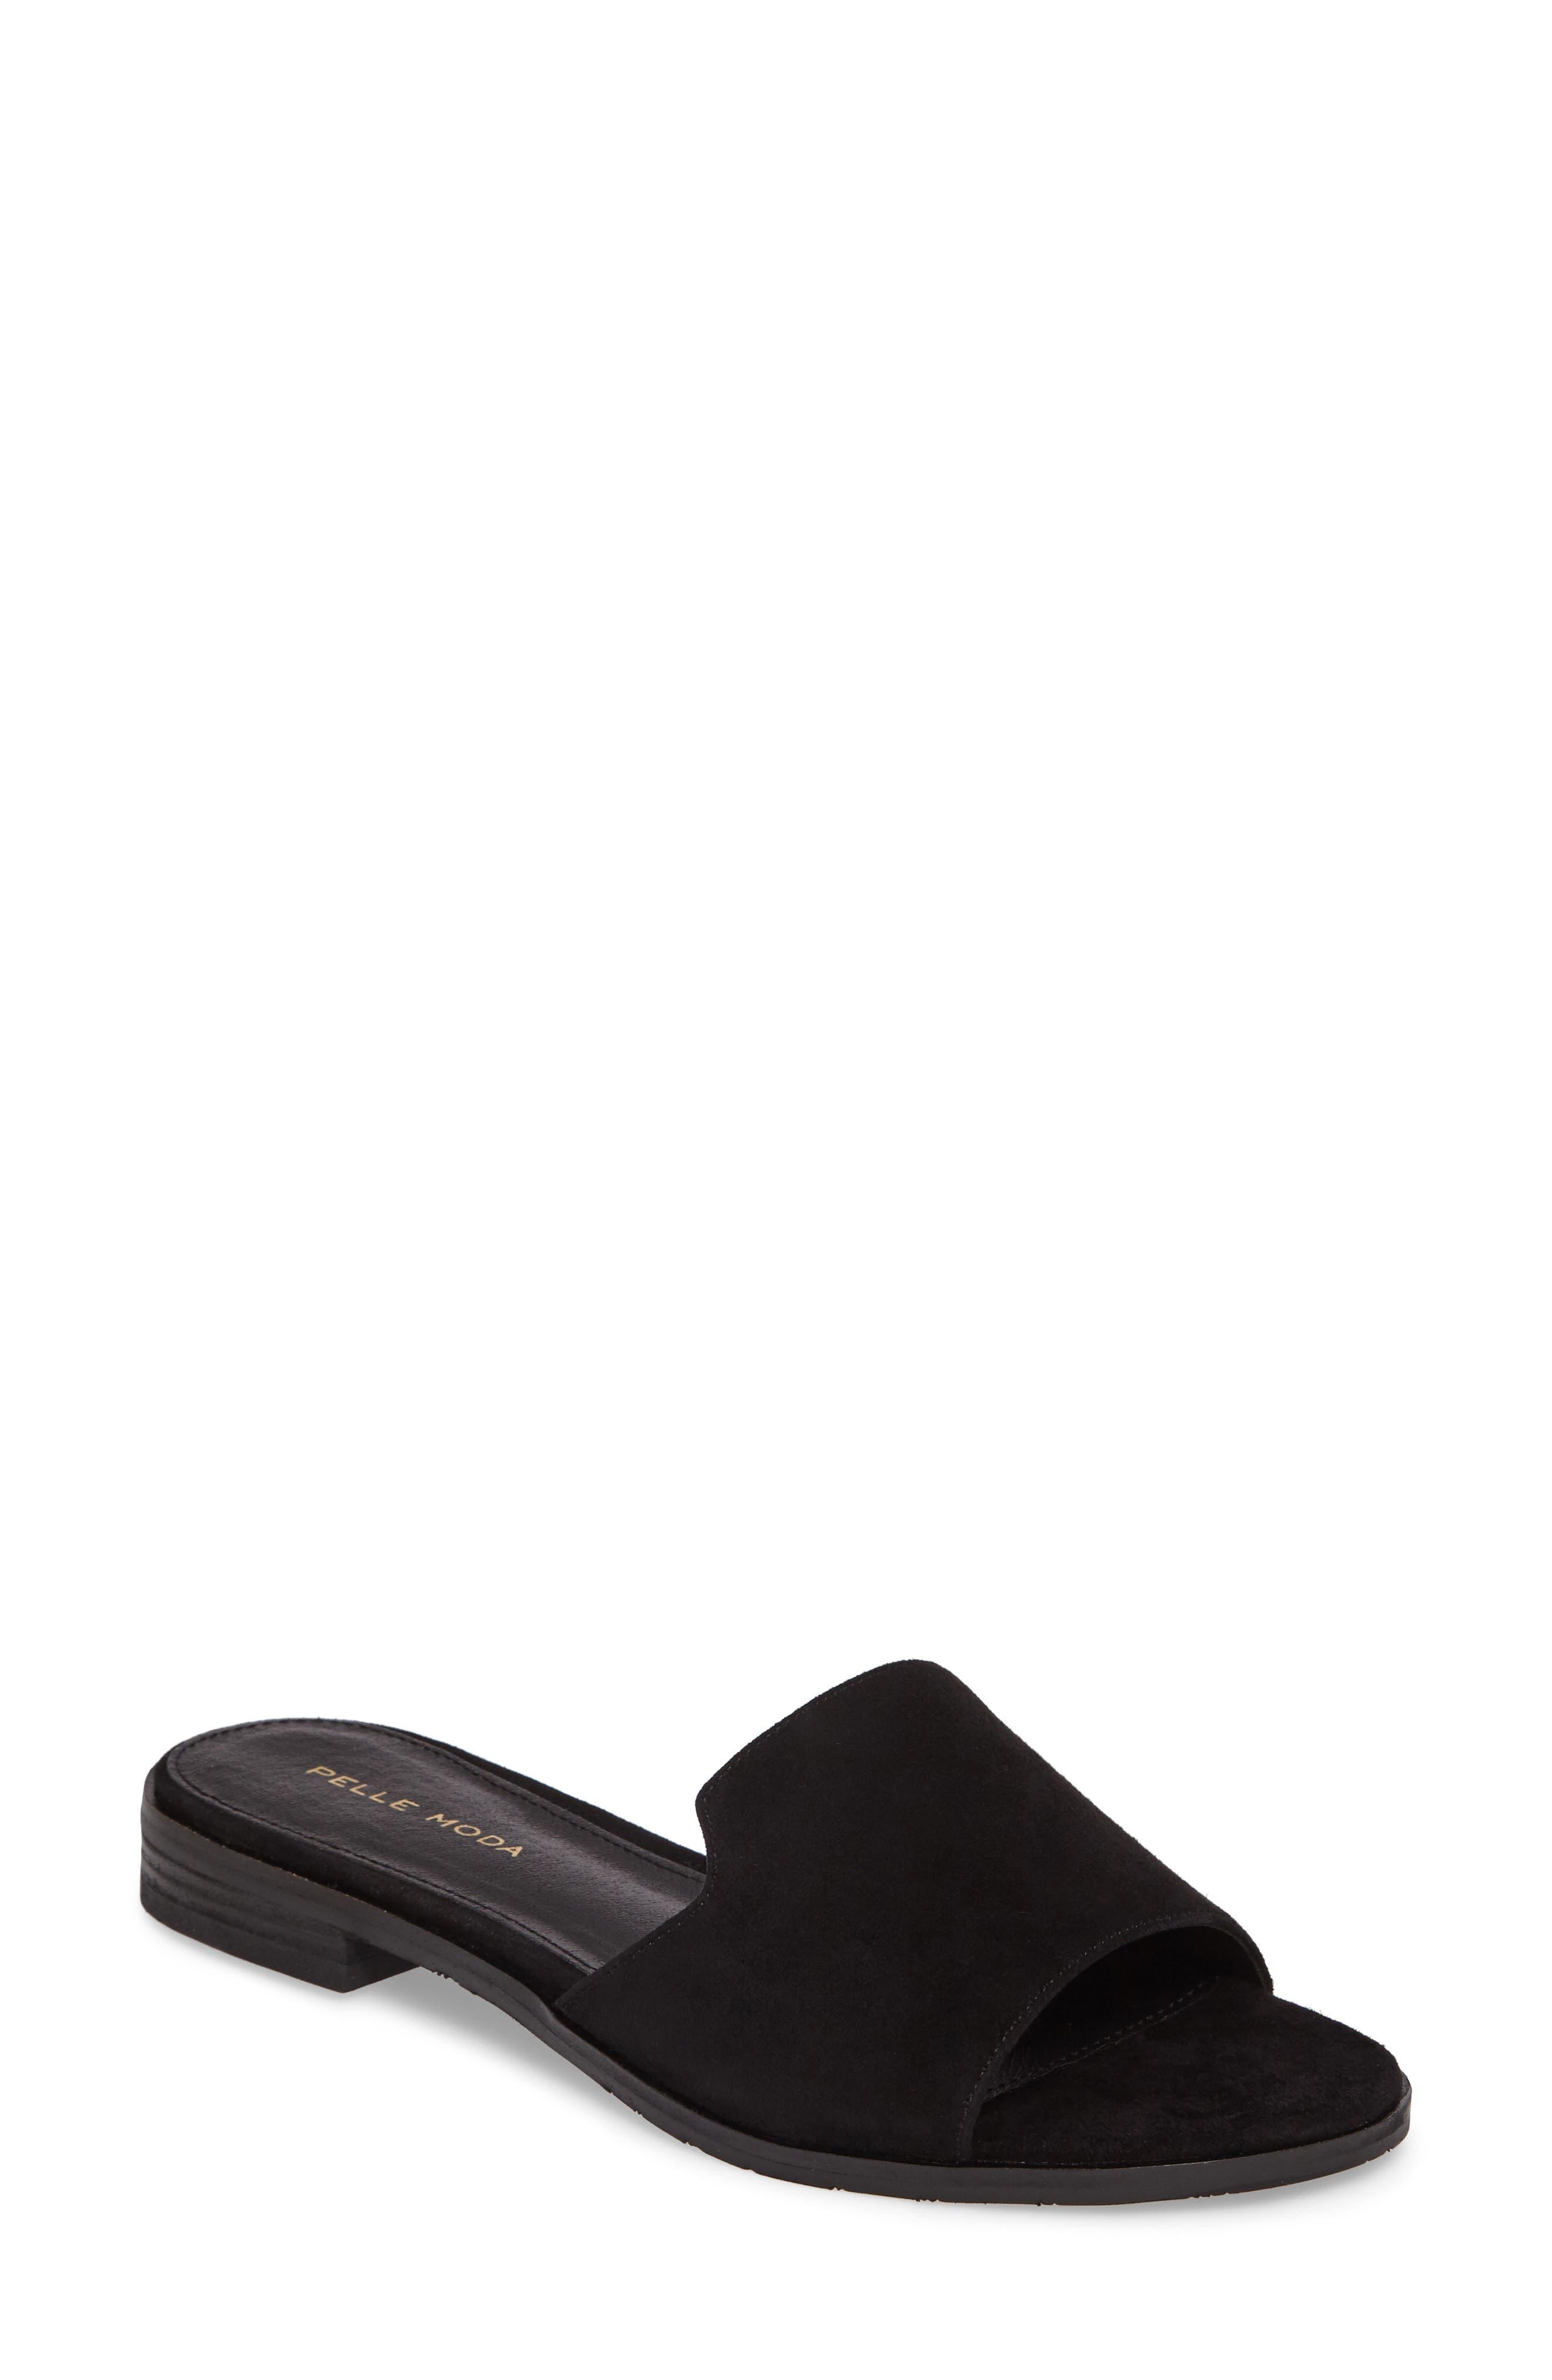 Hailey Slide Sandal,                         Main,                         color, 001